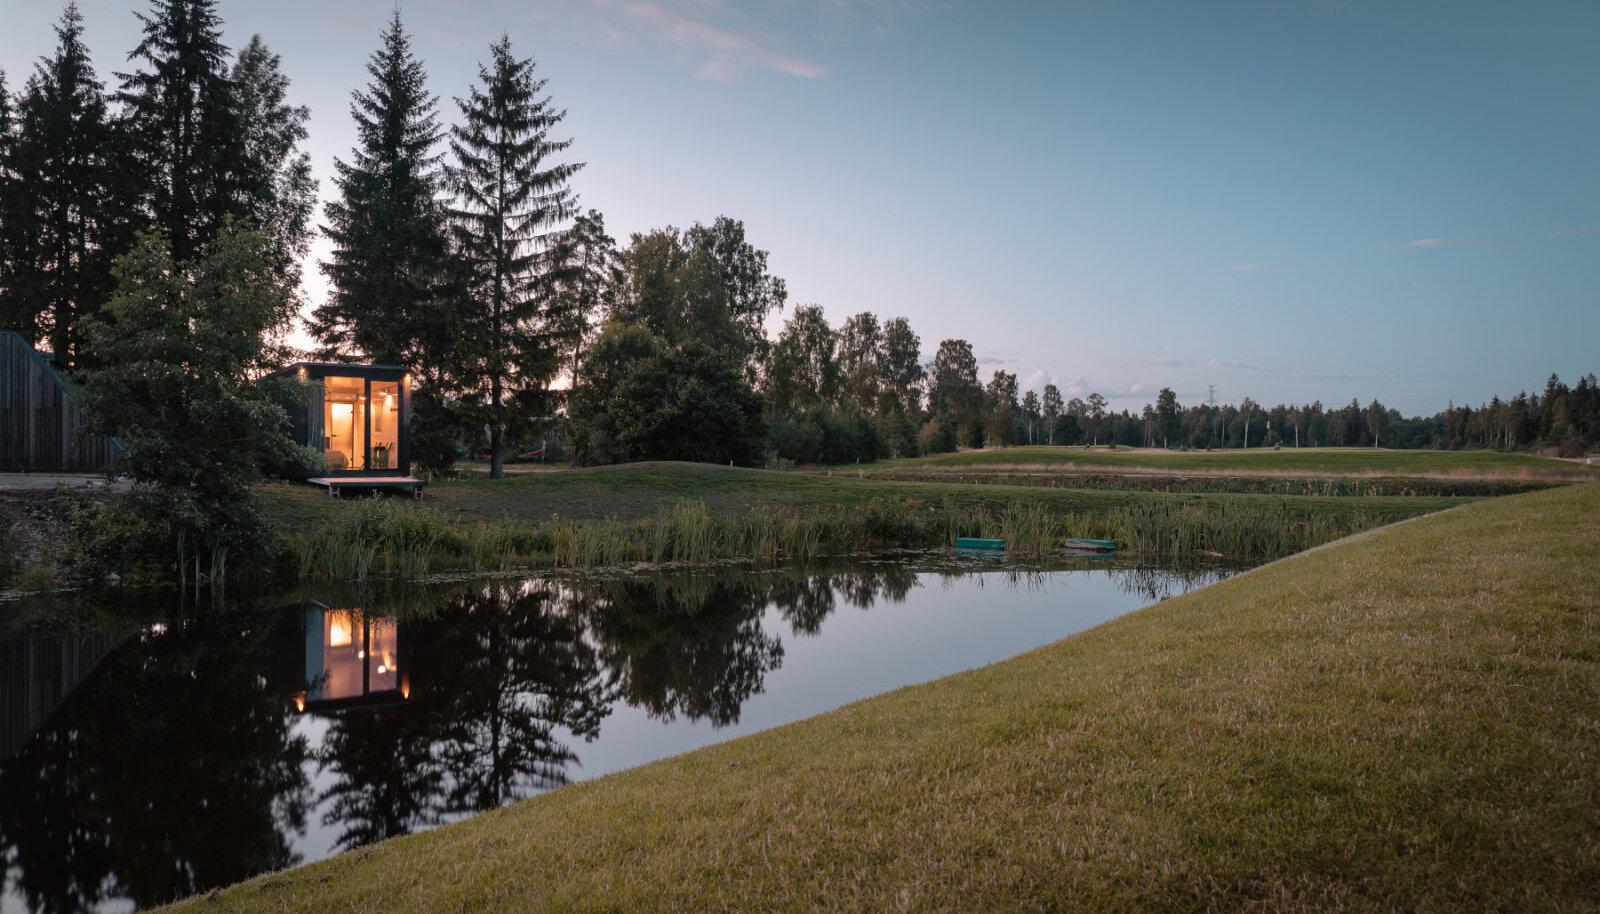 Rae järv